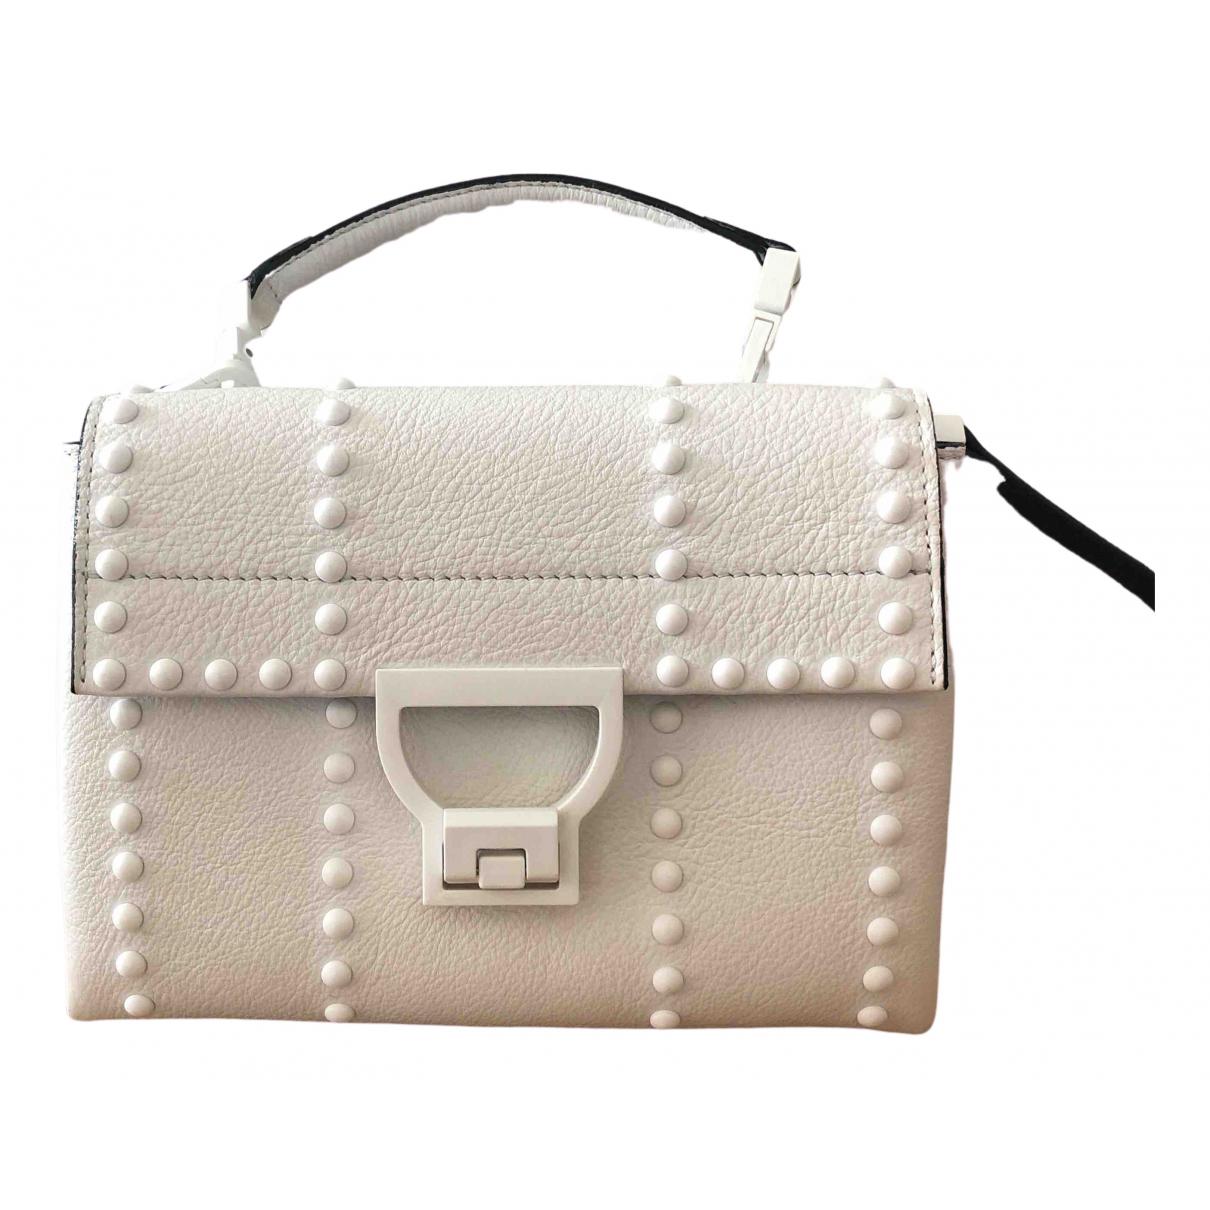 Coccinelle \N Handtasche in  Weiss Leder